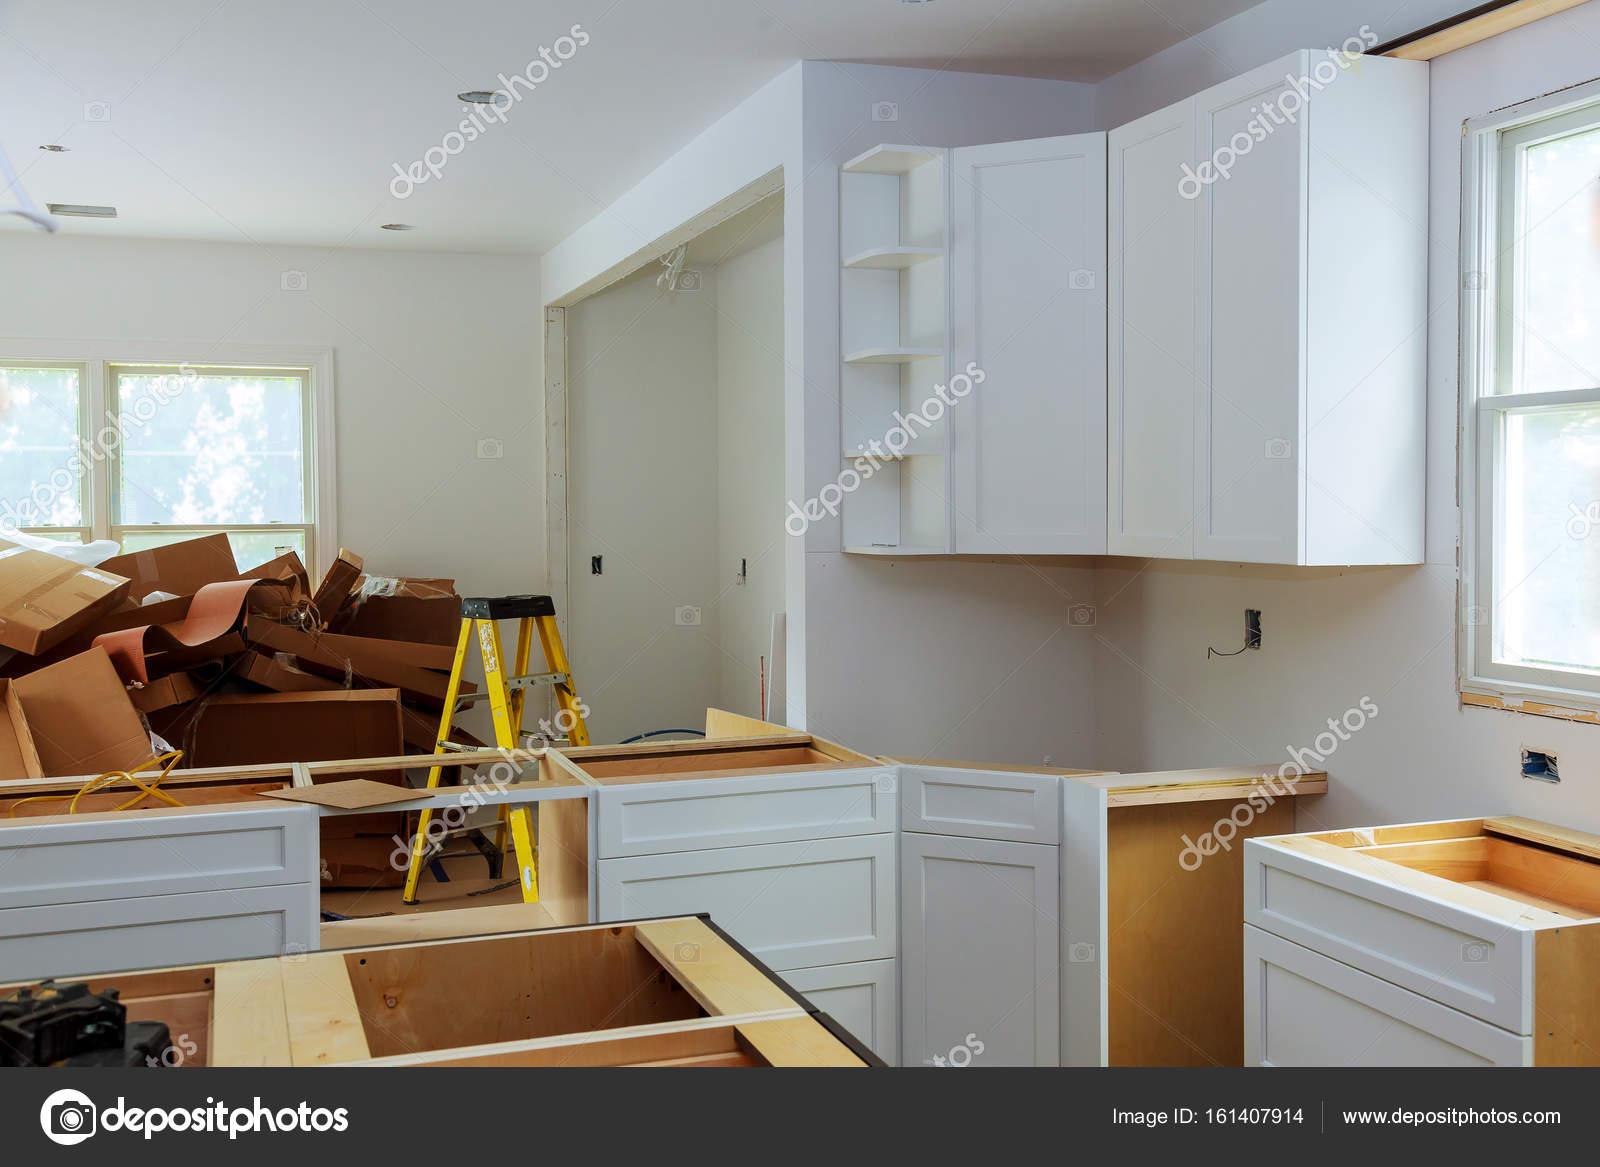 Benutzerdefinierte Küchenschränke in verschiedenen Phasen der ...